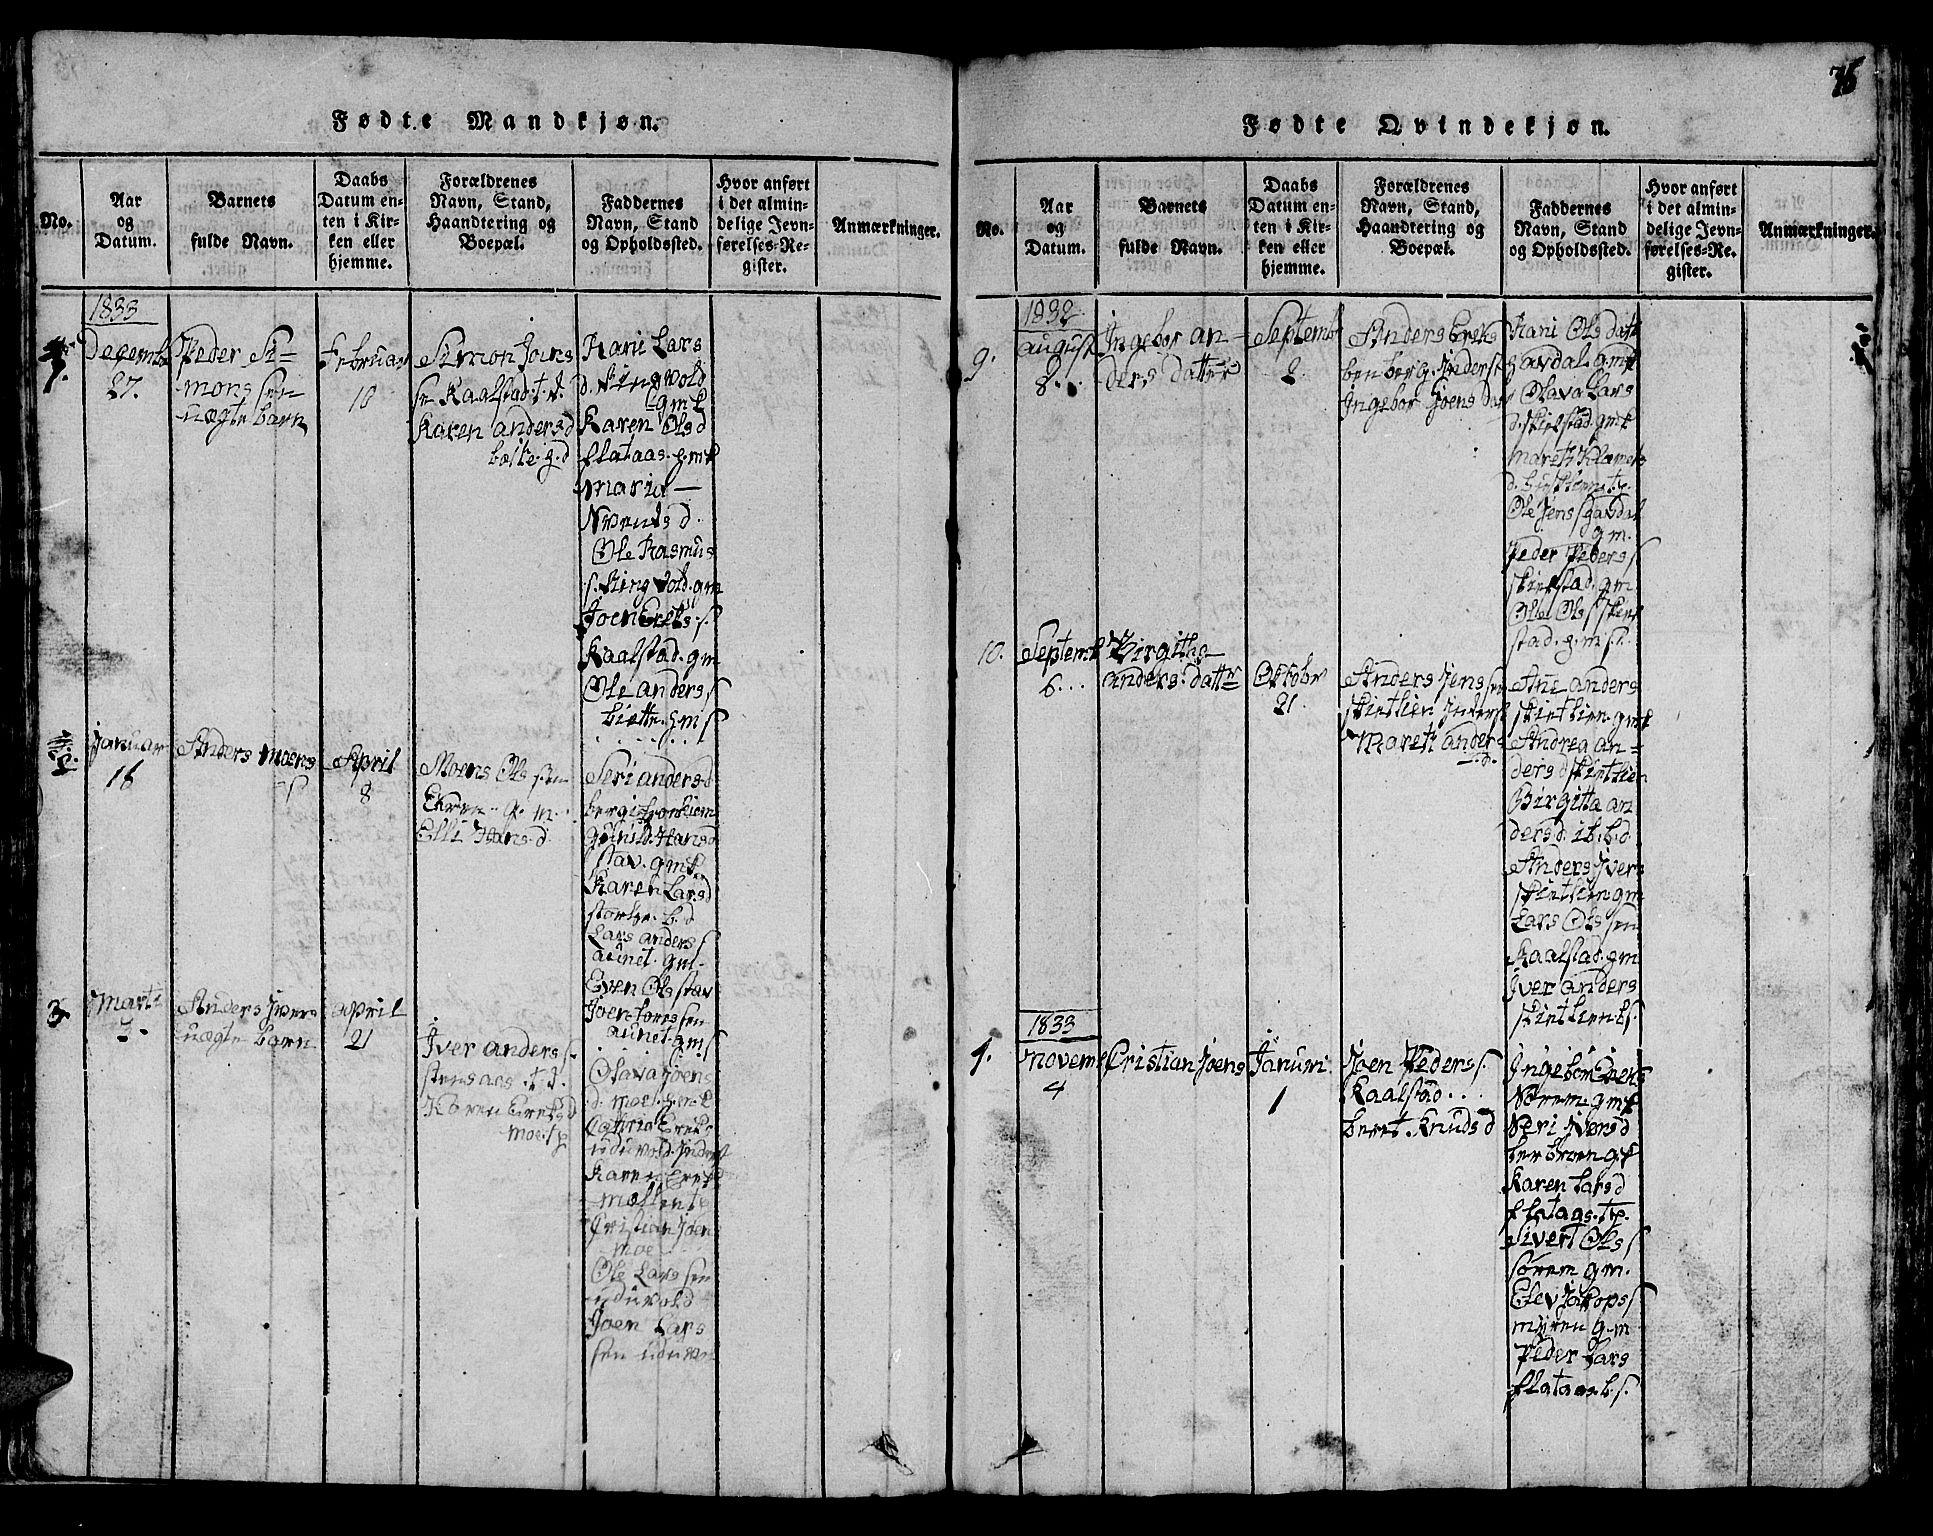 SAT, Ministerialprotokoller, klokkerbøker og fødselsregistre - Sør-Trøndelag, 613/L0393: Klokkerbok nr. 613C01, 1816-1886, s. 76